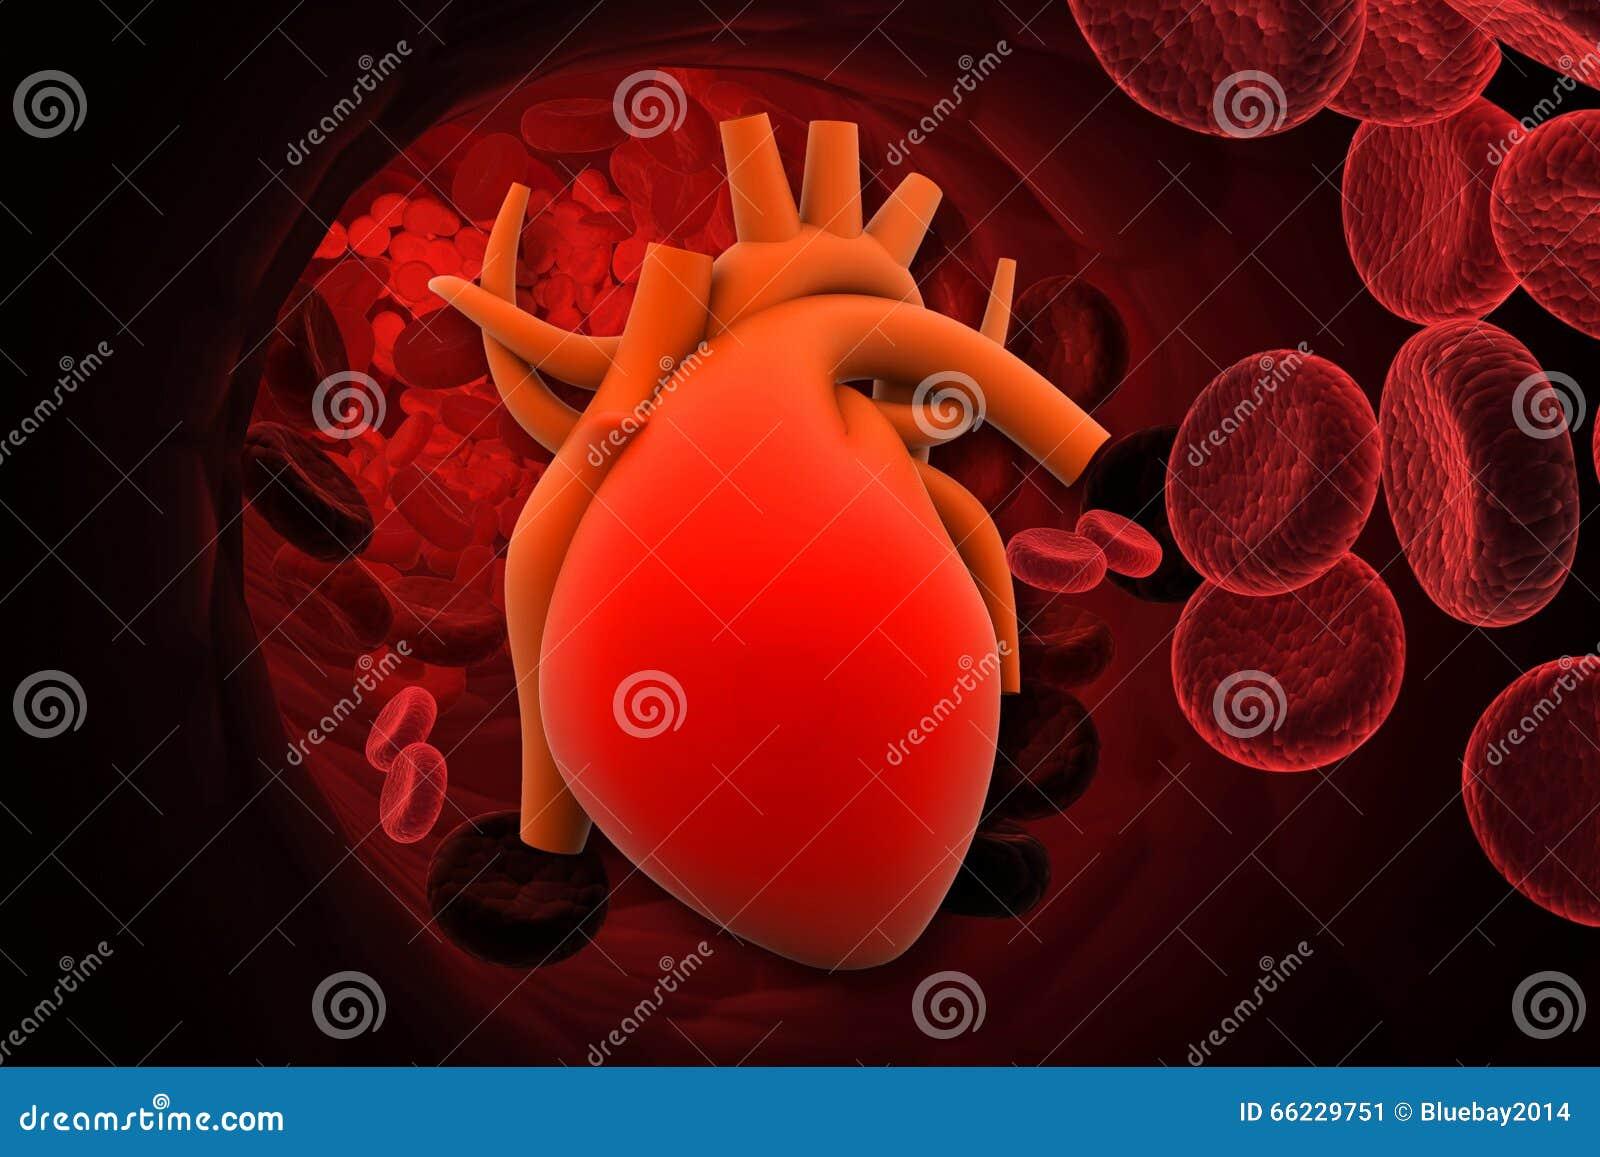 Hjärta med röda celler